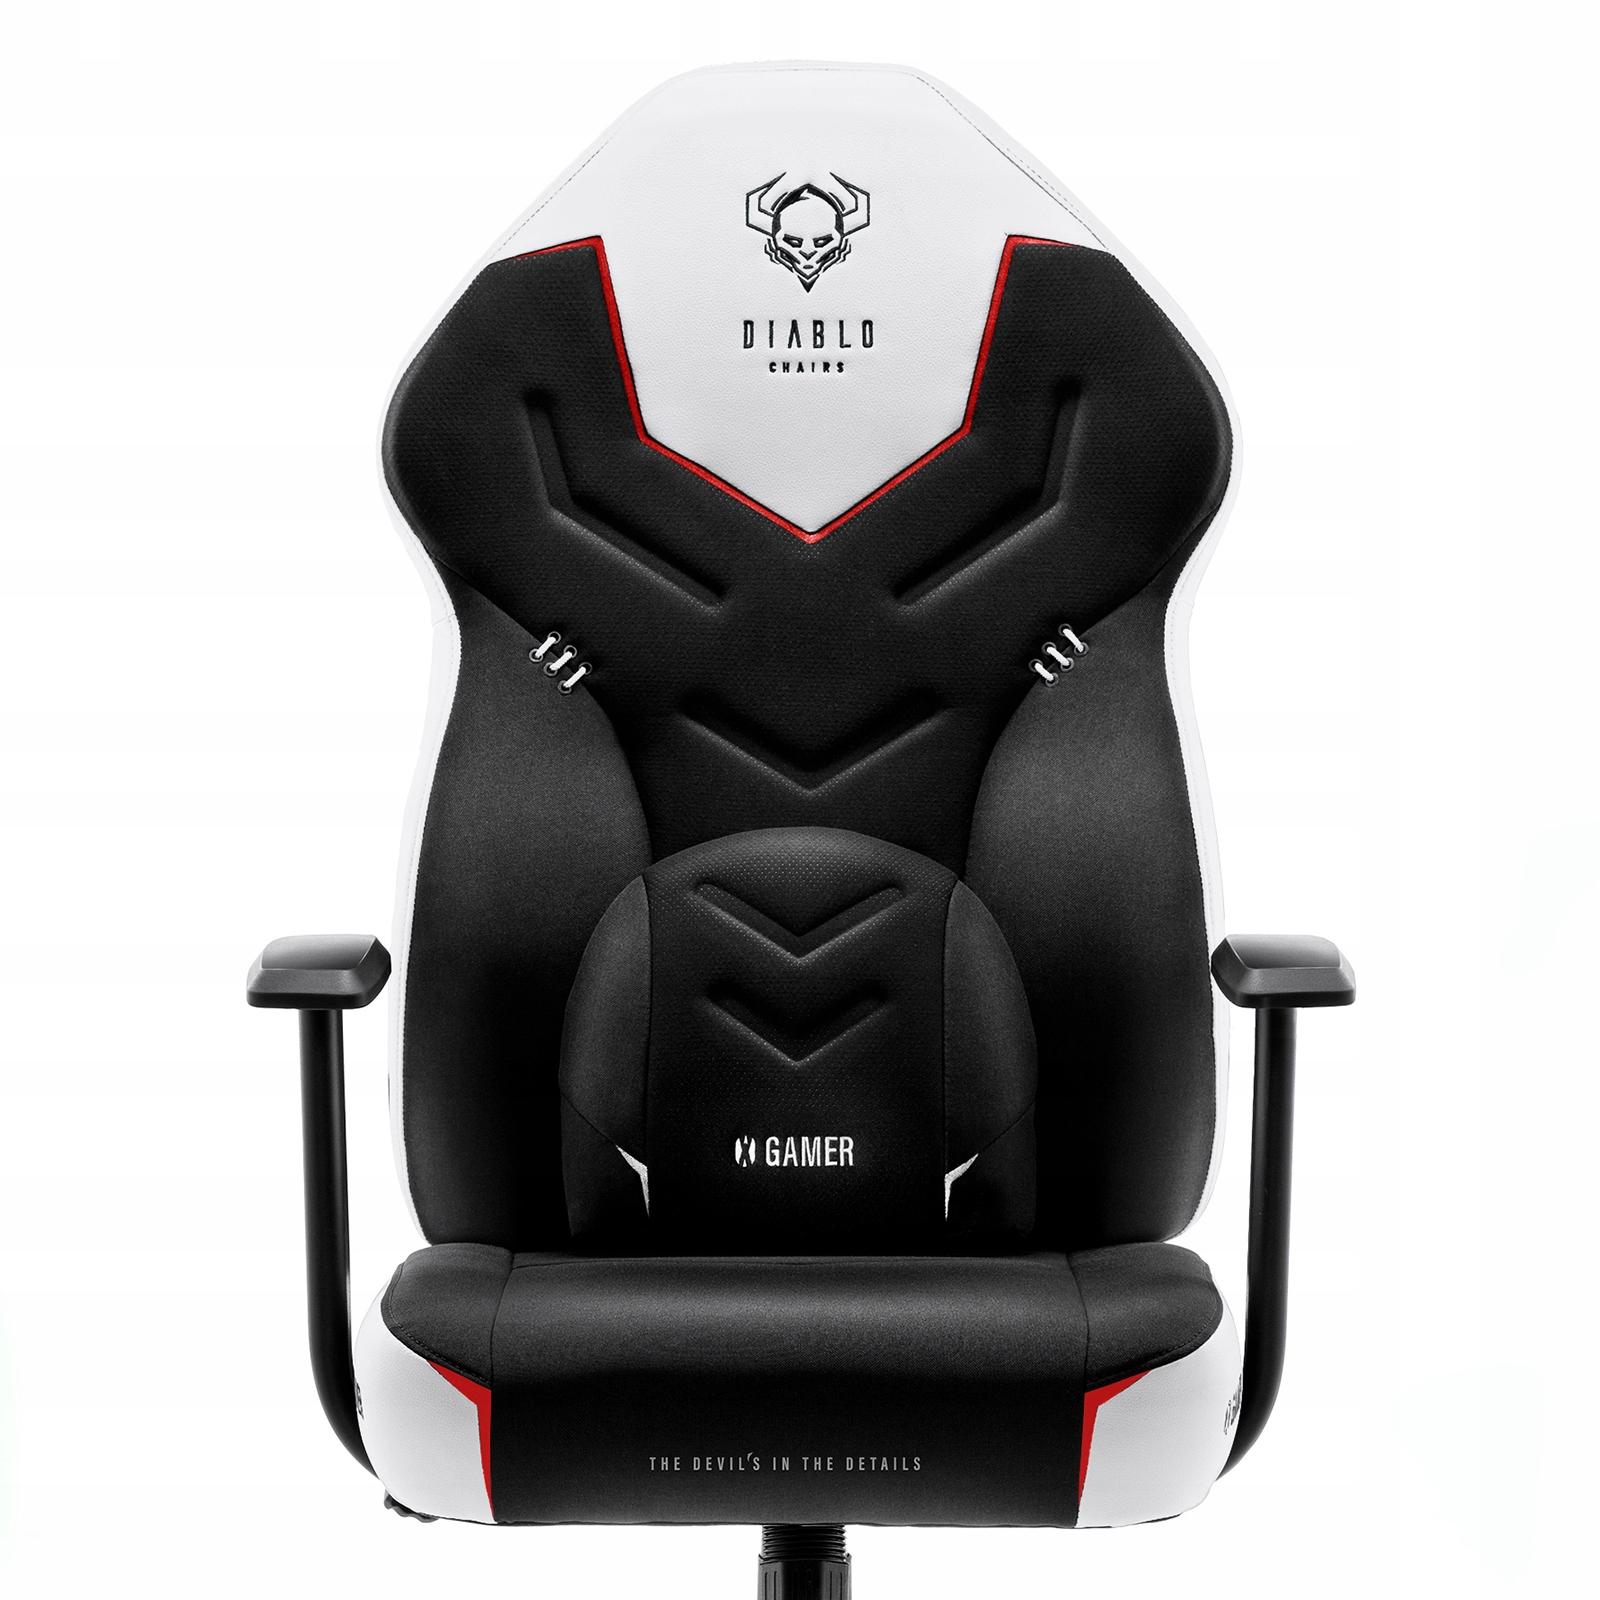 Fotel Gamingowy Diablo X Gamer Krzesło Dla Gracza